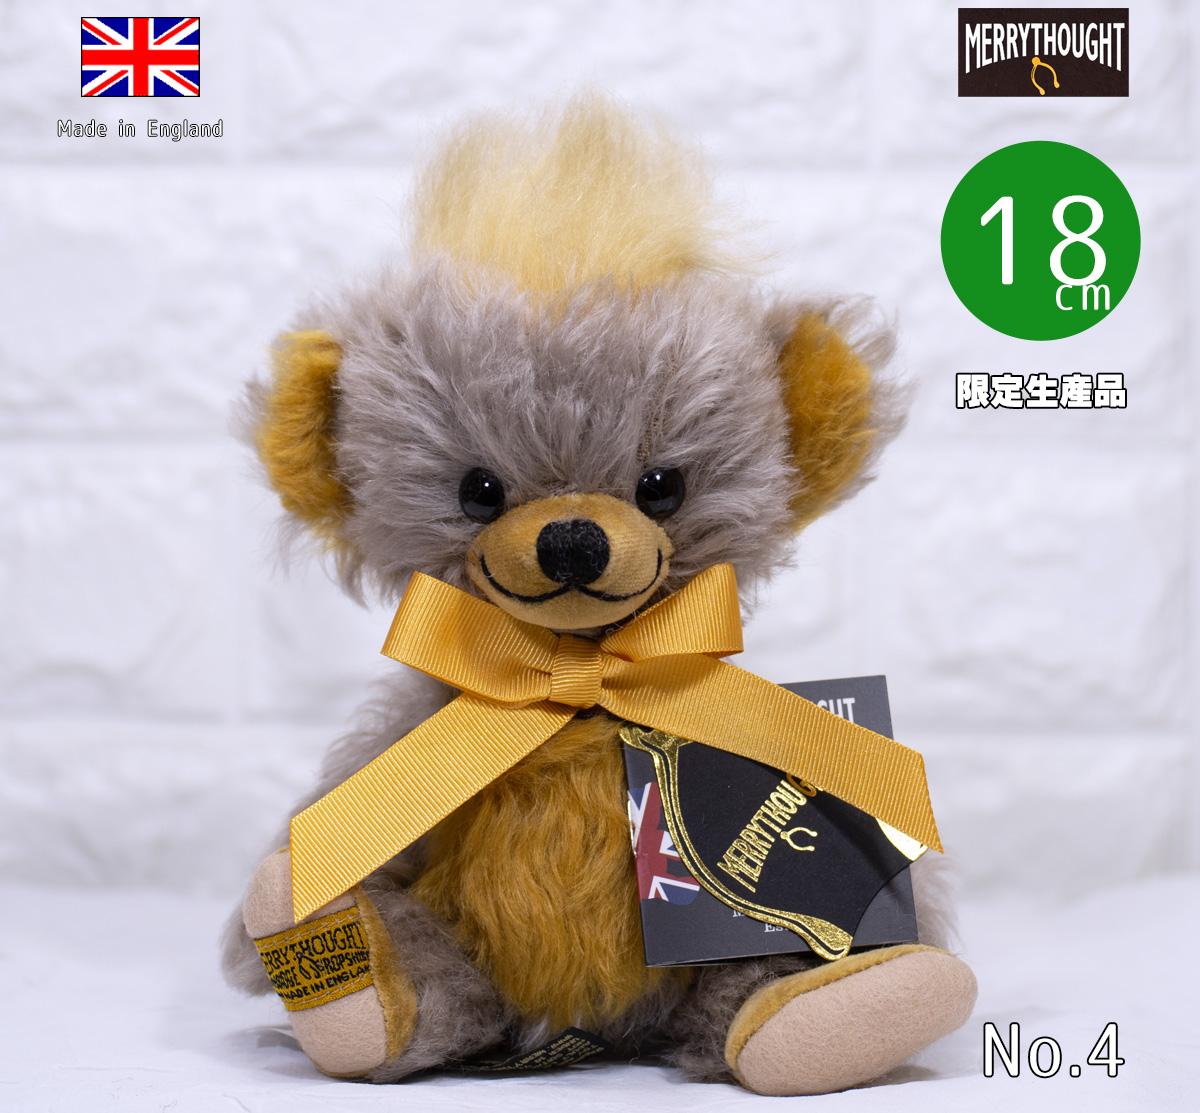 2019年世界限定 パンキー ロニー 18cm テディベア ぬいぐるみ プレゼント コレクション クリスマス